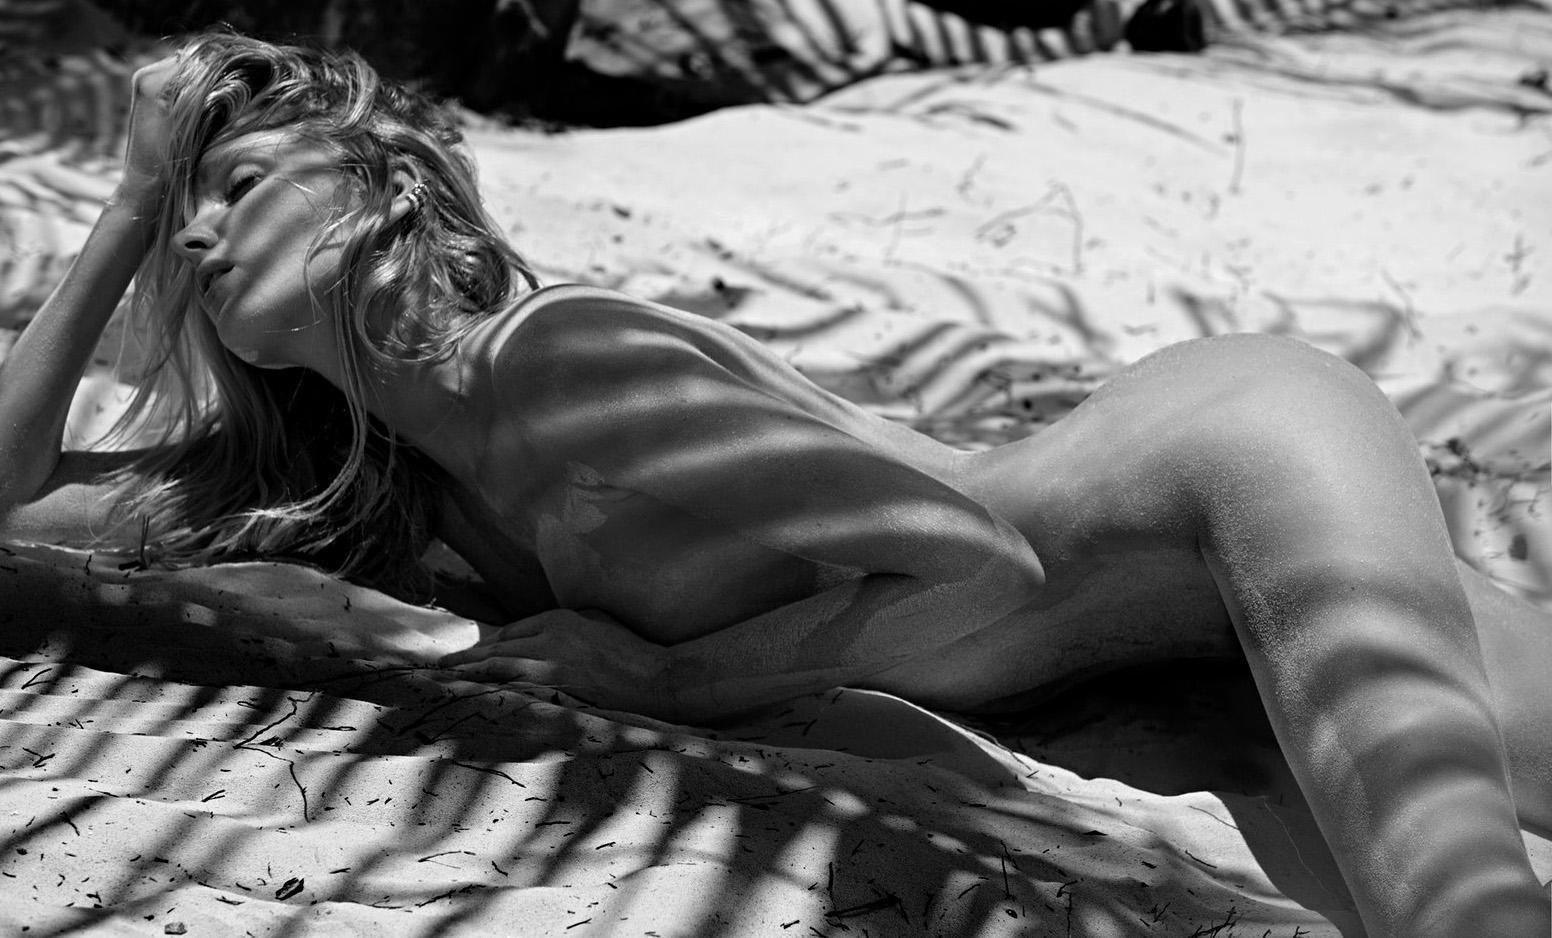 Elsa-Hosk-Topless-8